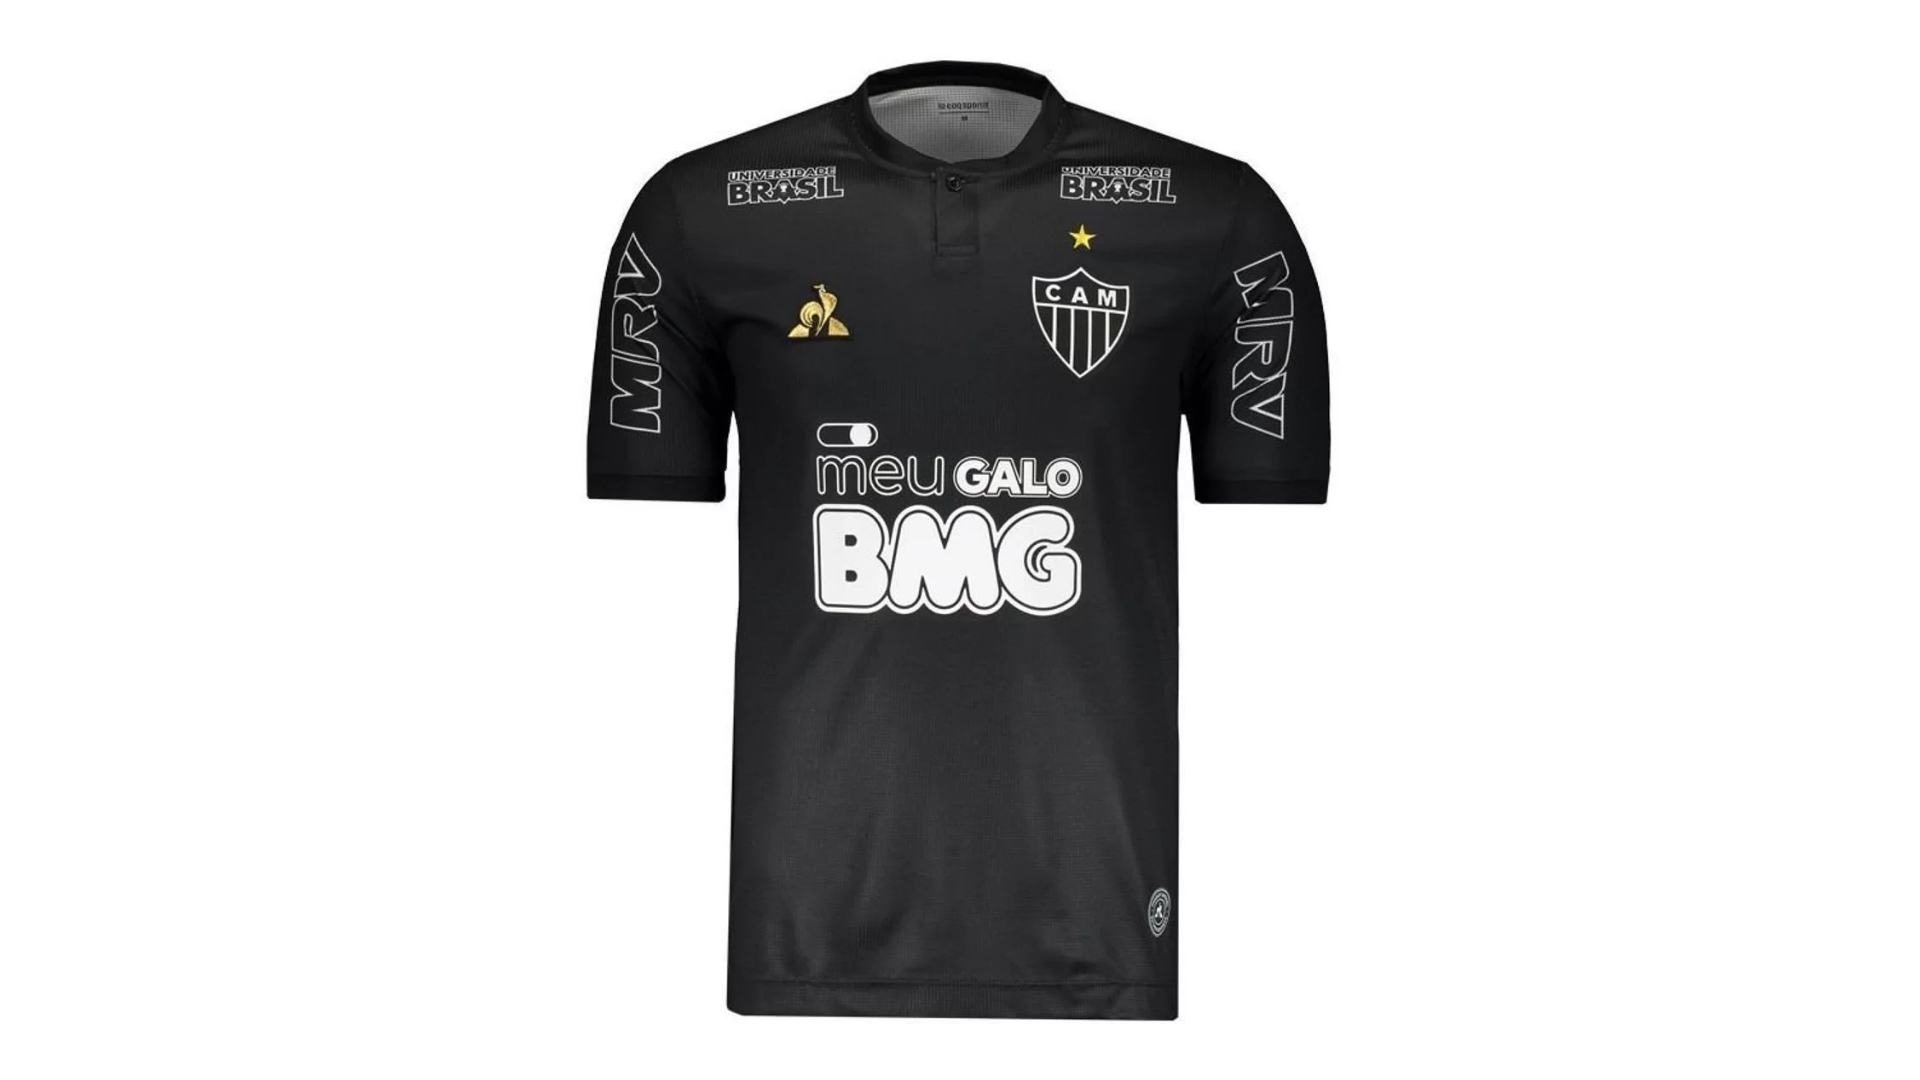 Camisa do Galo 2019 Le Coq Sportif Jogo 3 (Imagem: Divulgação/Le Coq Sportif)